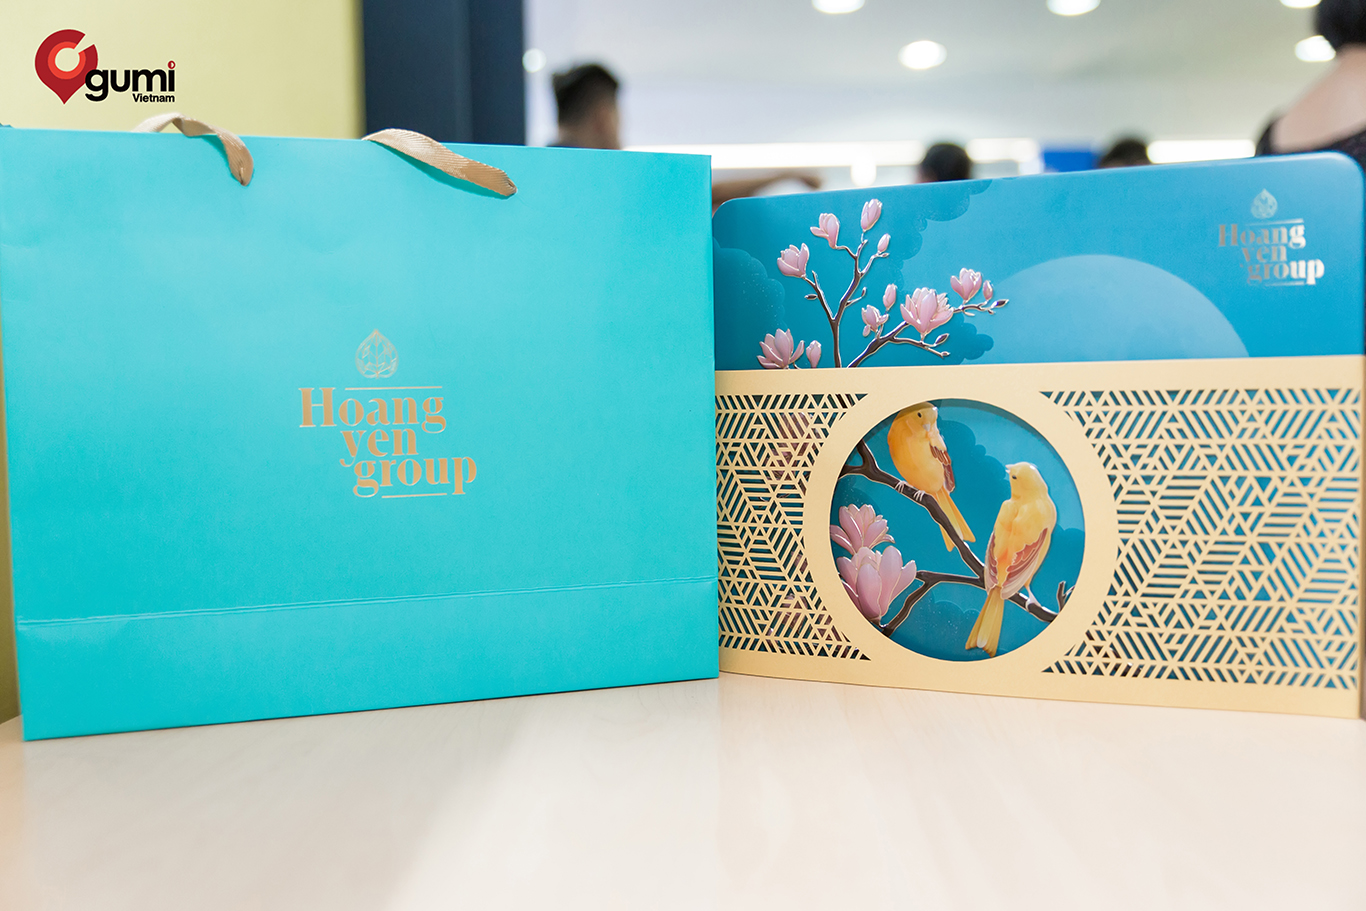 Hộp quà Trung thu dành cho các nhân viên tại gumi Vietnam.